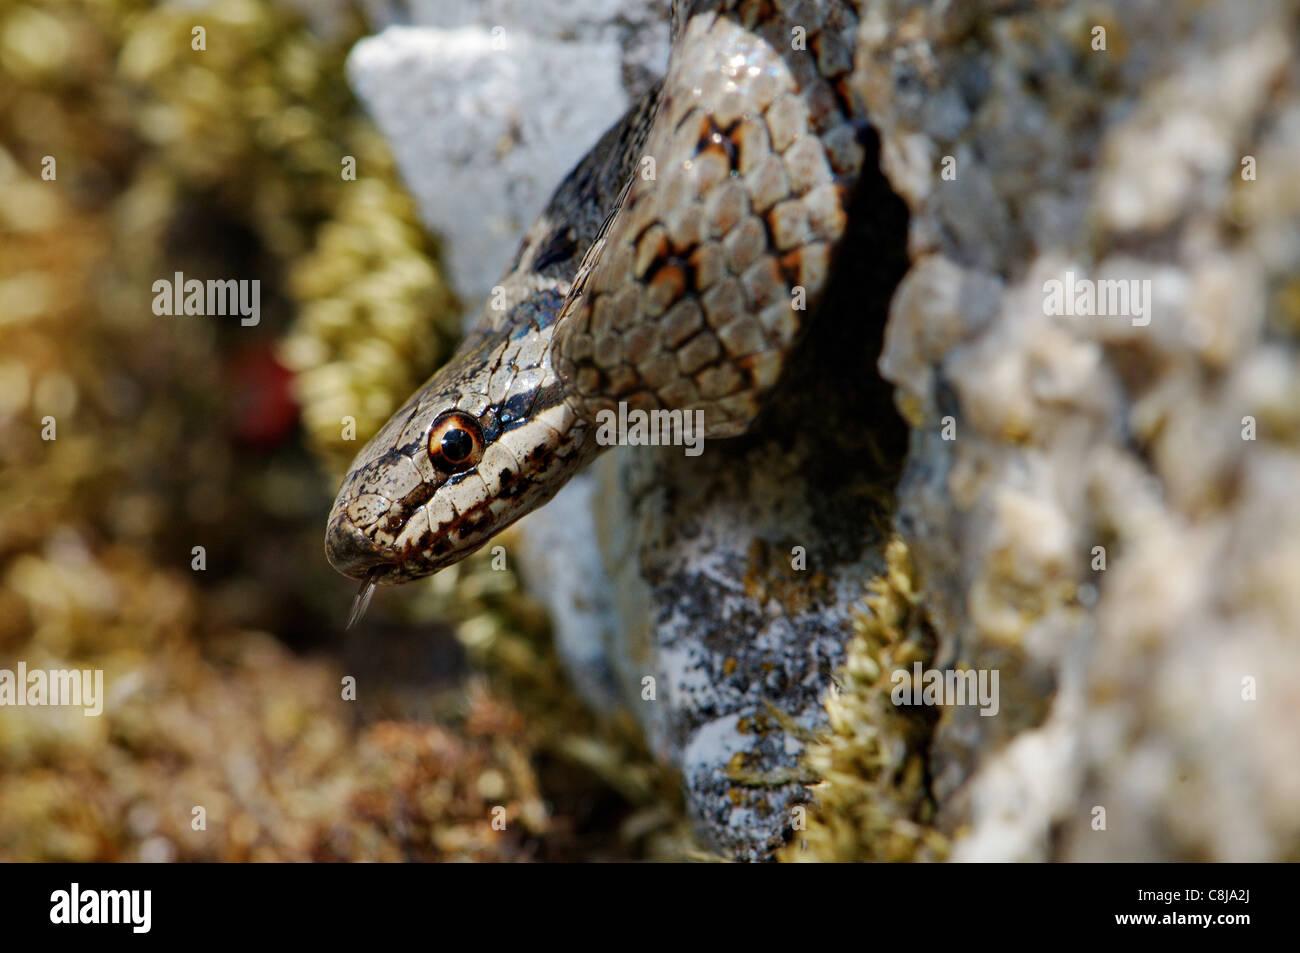 Suave, Coronella austriaca de serpiente, serpiente, serpientes, reptiles, reptiles, retrato, protegida, en peligro Imagen De Stock